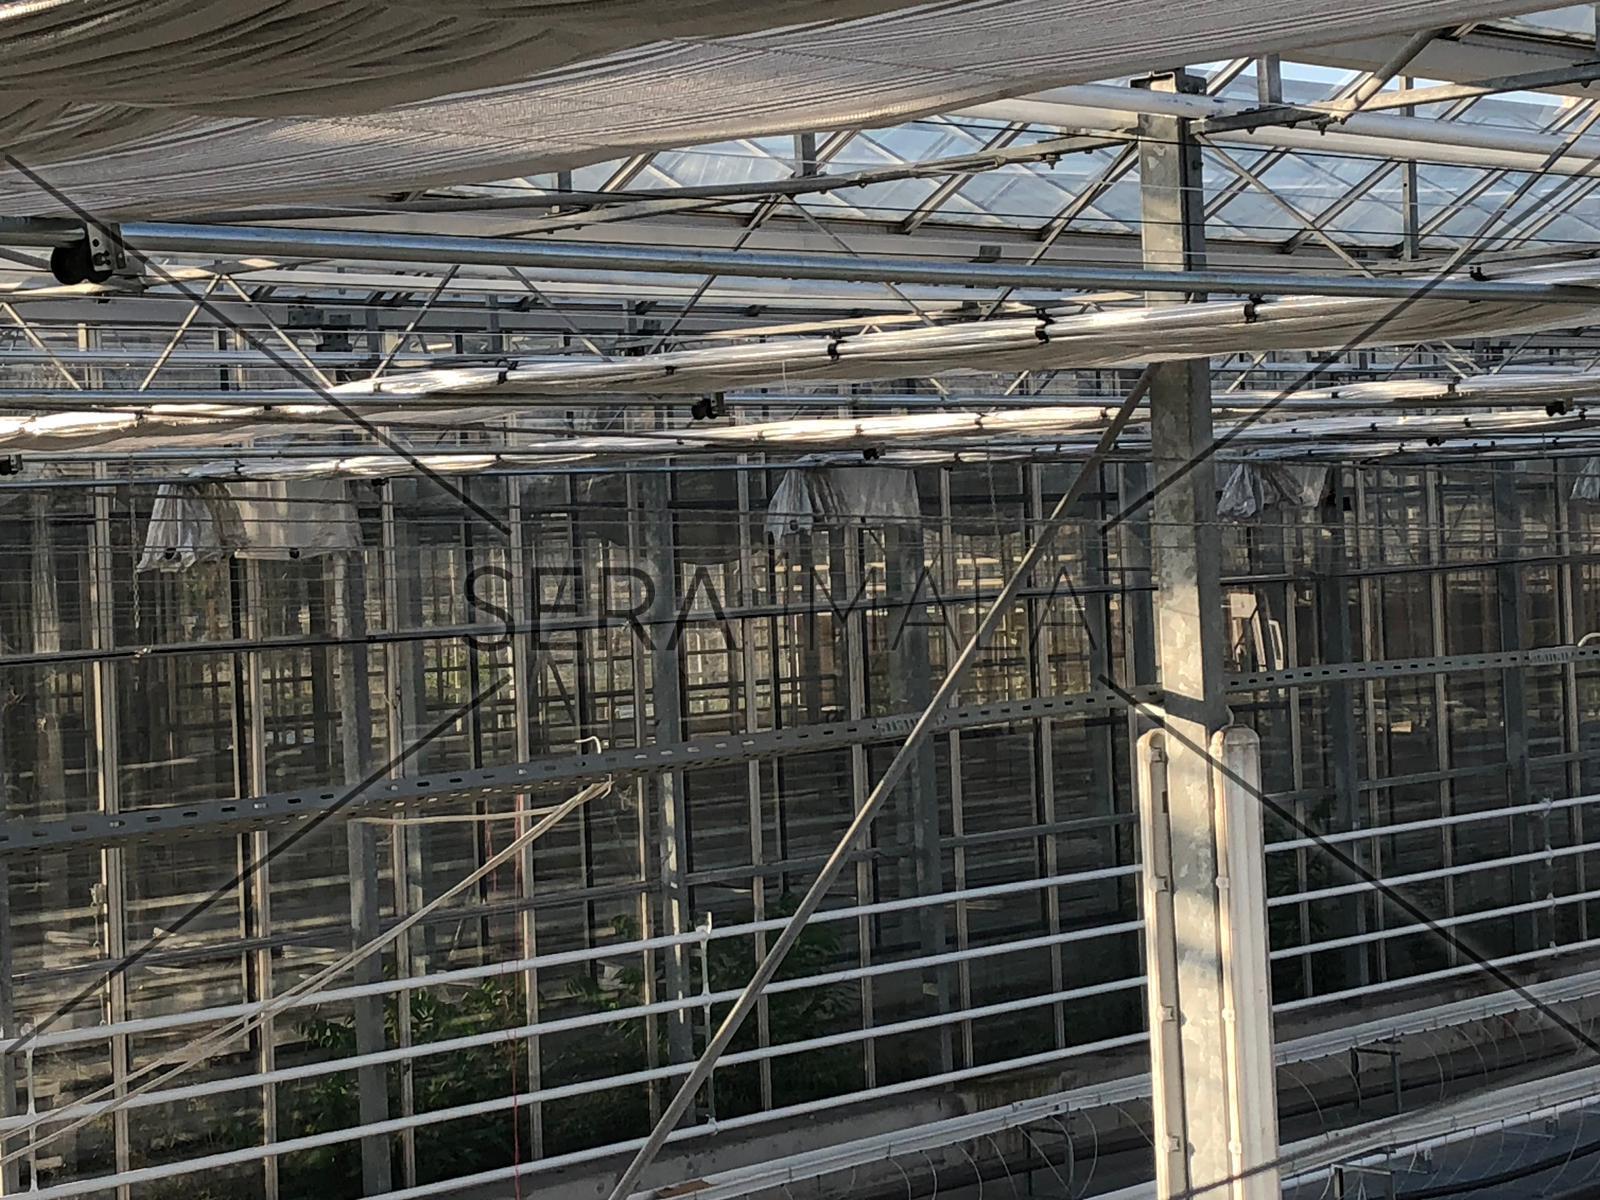 2019 sera çelik konstrüksiyon